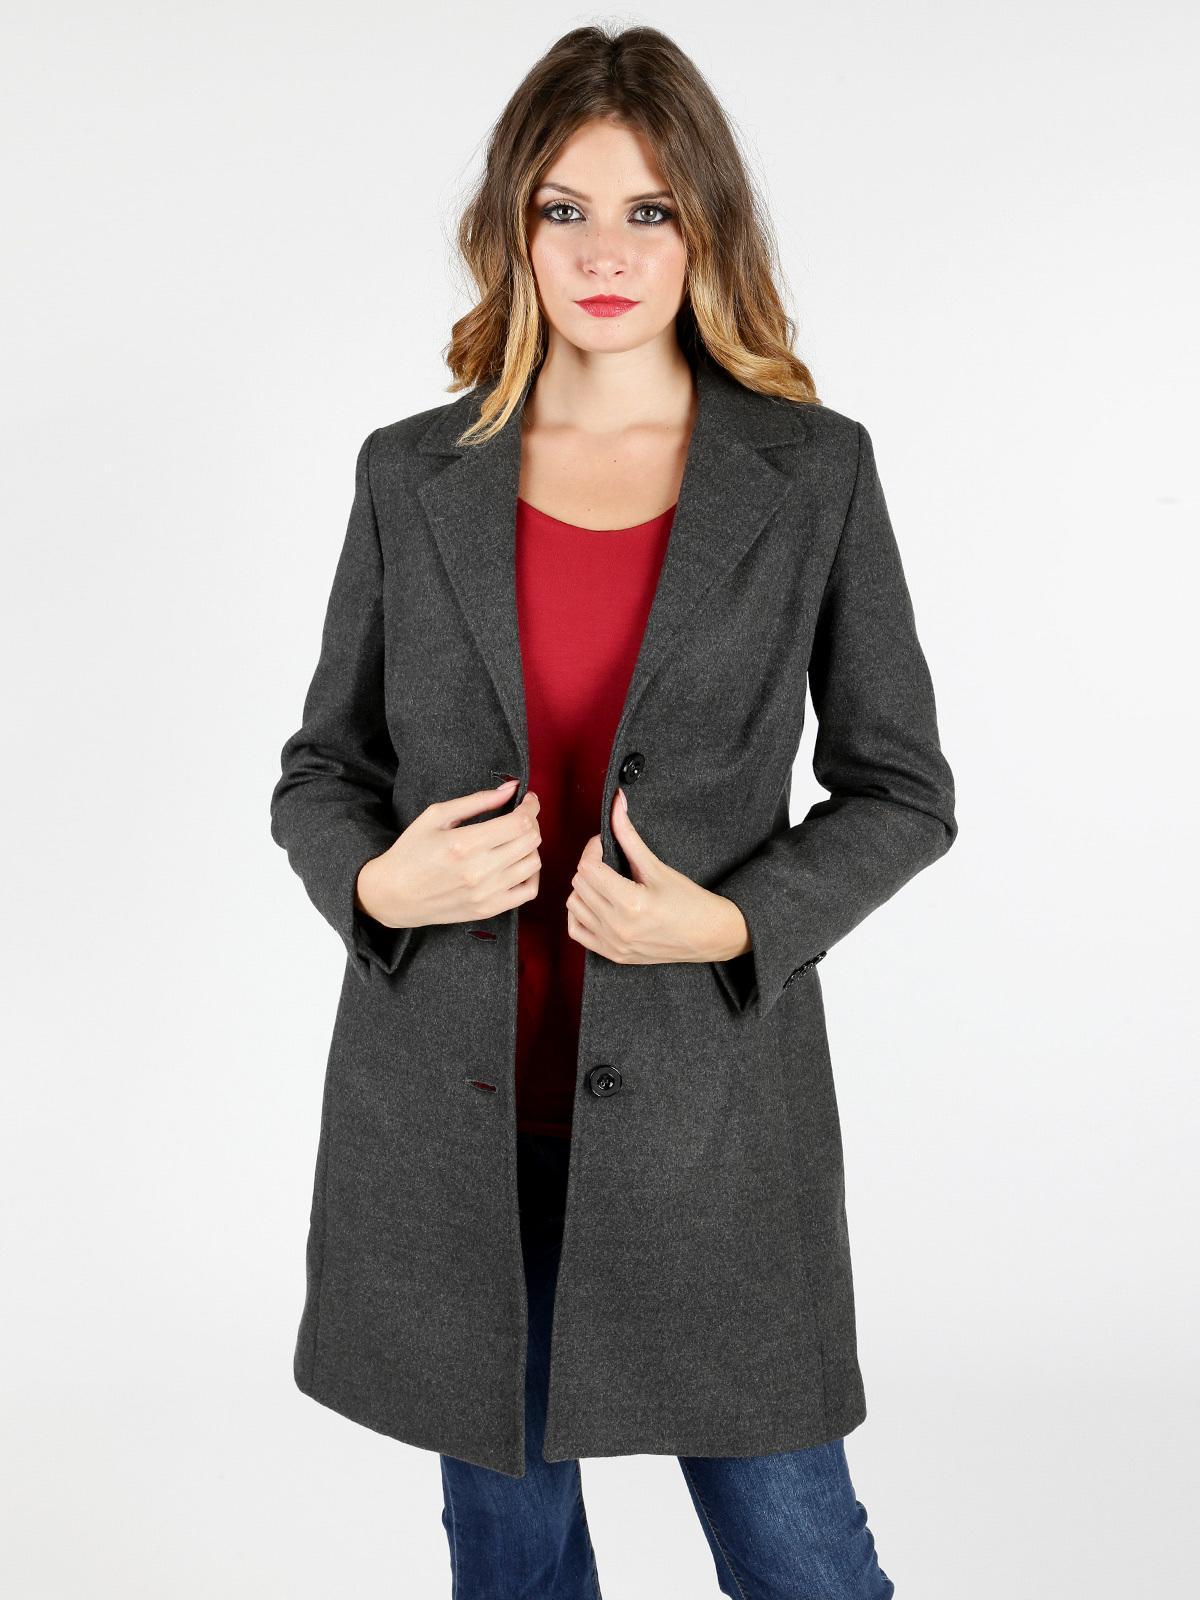 new concept 5ad36 d3ac5 Cappotto grigio donna graffio | MecShopping